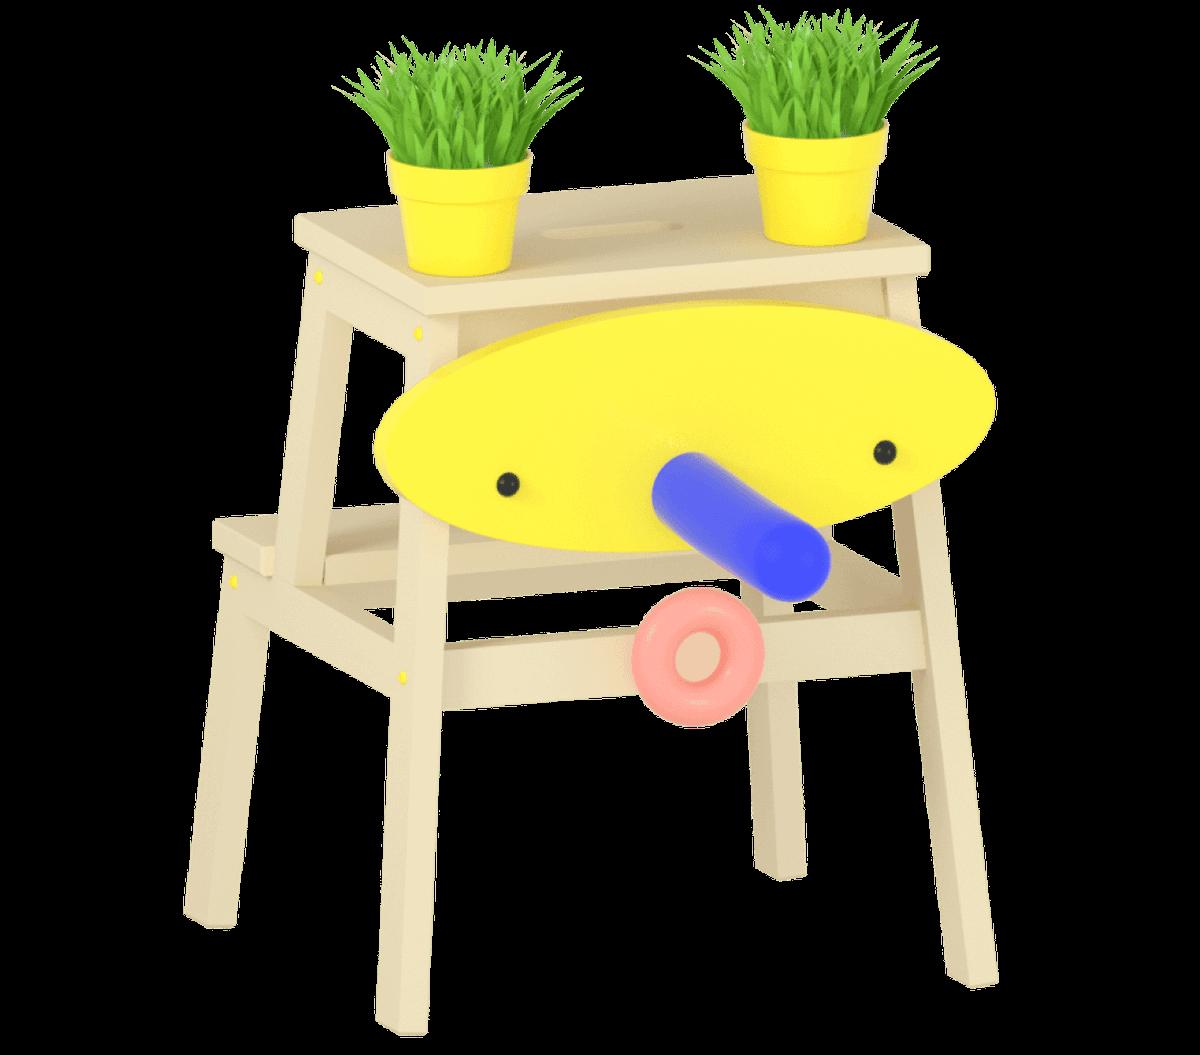 «Не сборка мебели, а настоящий сеанс медитации»: 5 причин, почему мы любим «Икею»